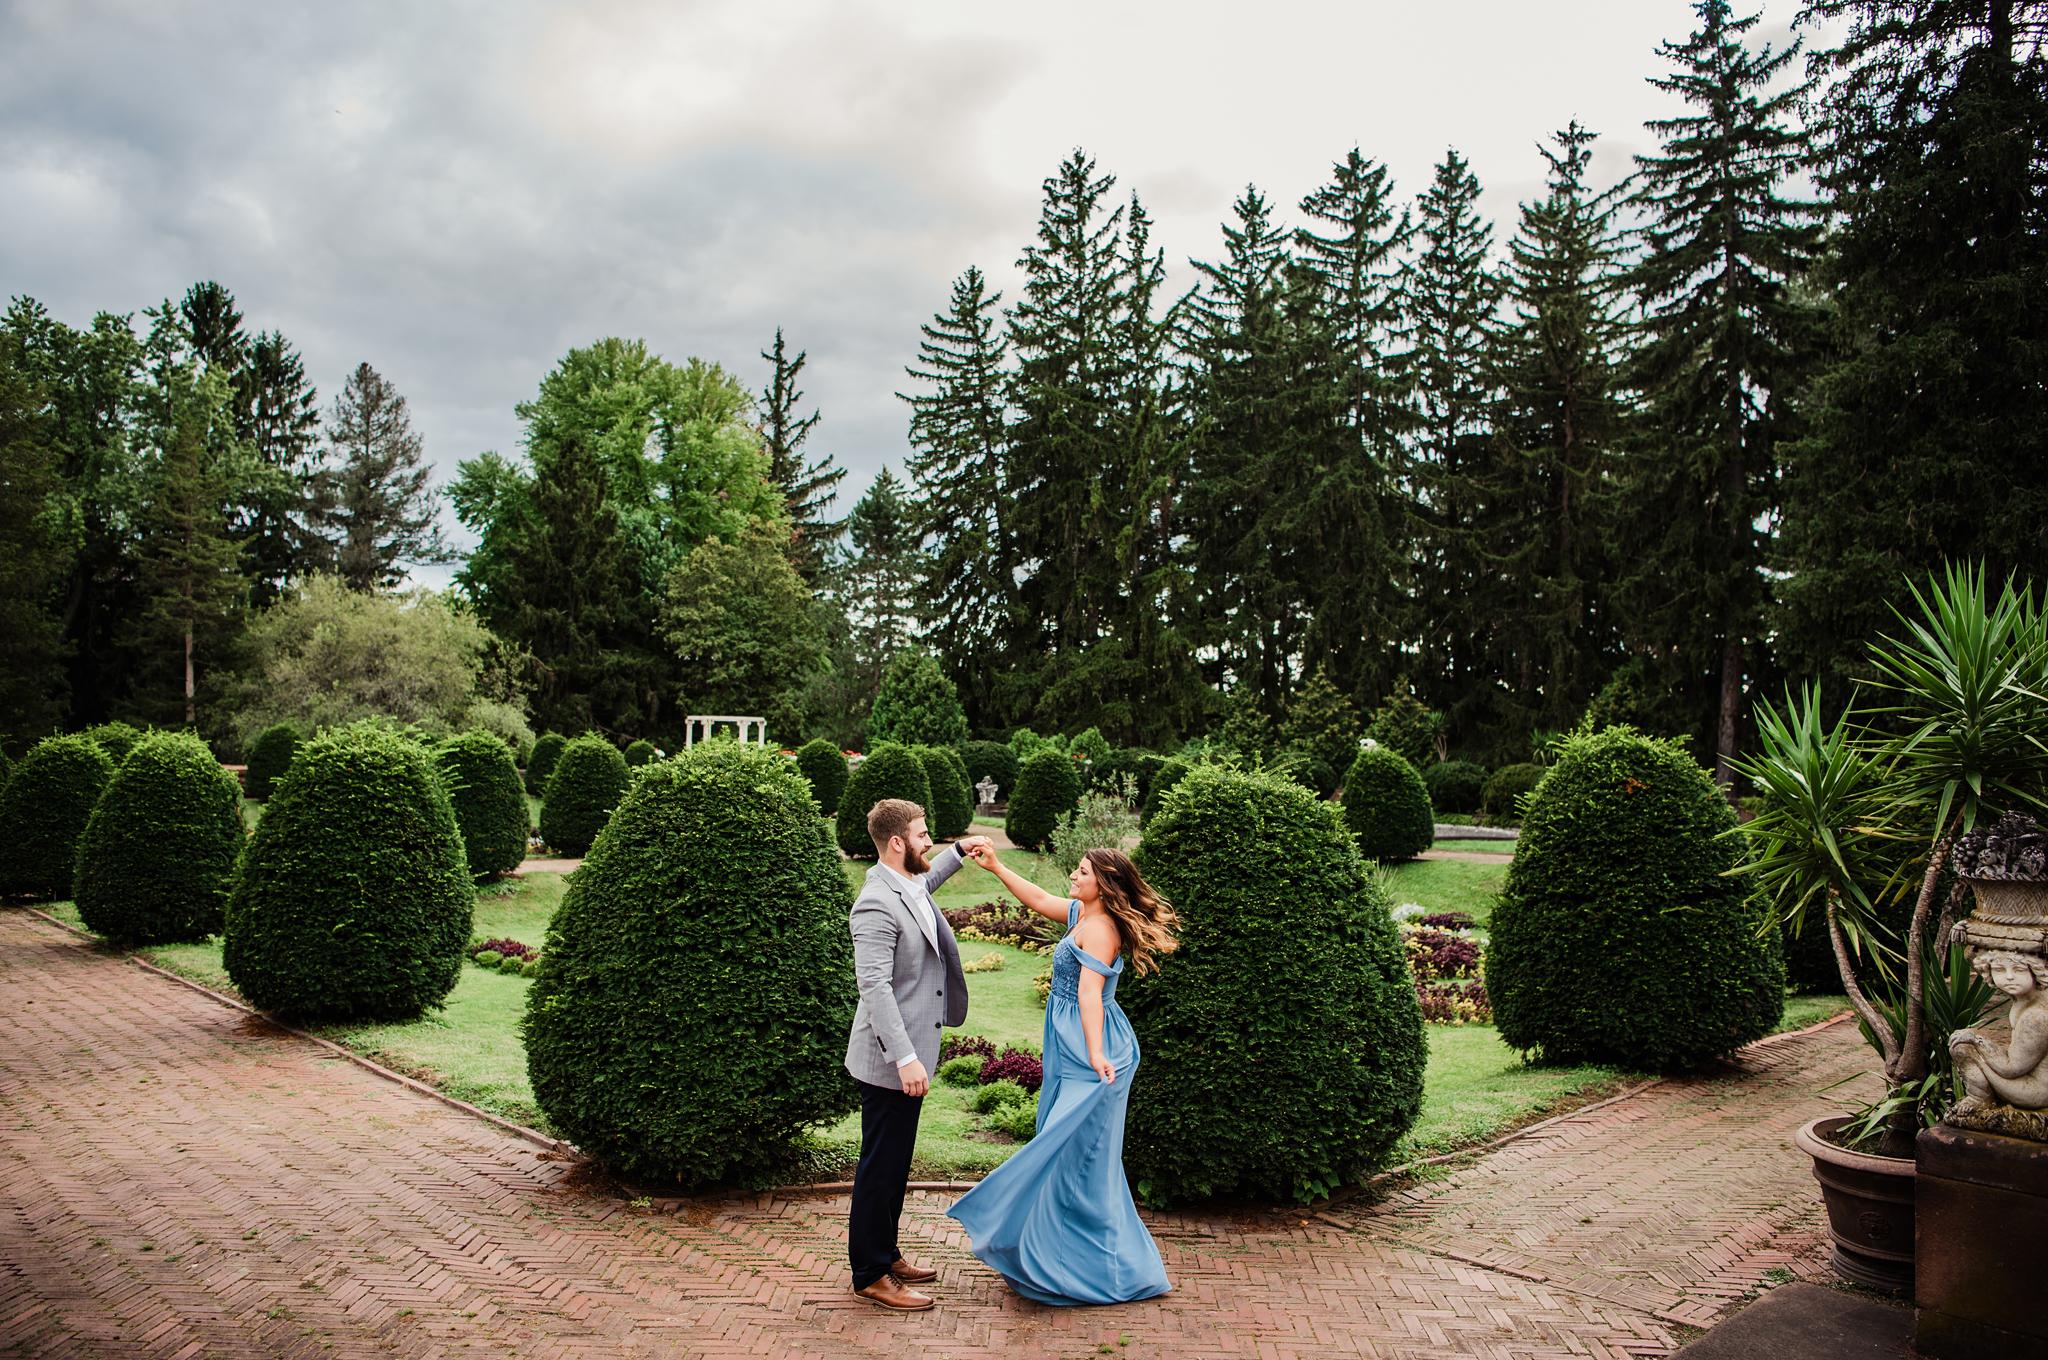 Sonnenberg_Gardens_Finger_Lakes_Engagement_Session_JILL_STUDIO_Rochester_NY_Photographer_DSC_1632.jpg